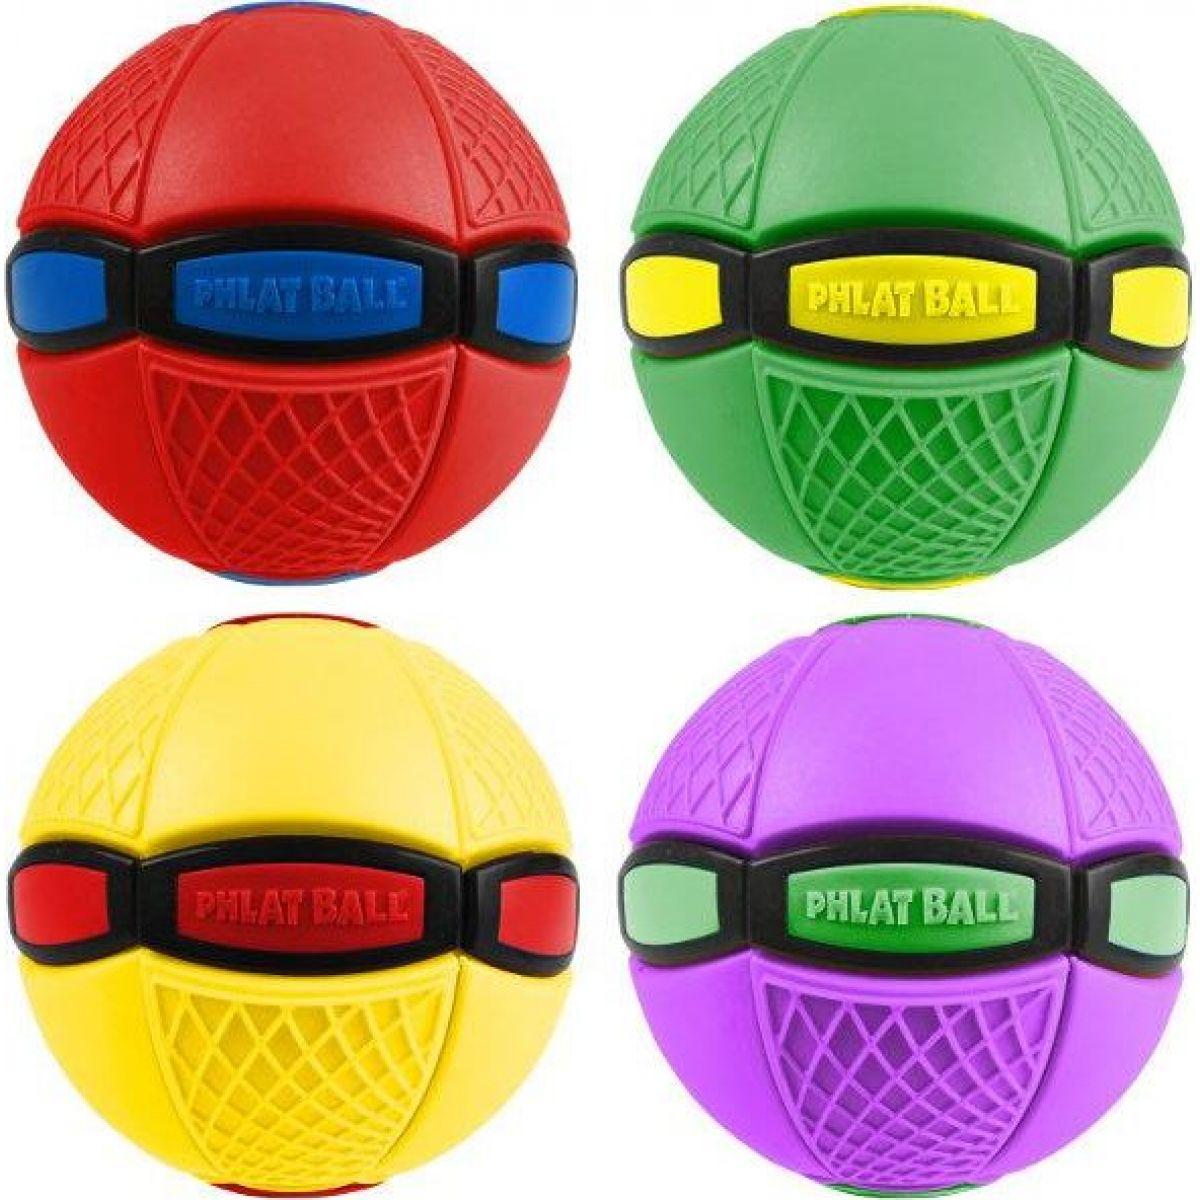 Epee Phlat Ball JR - červený